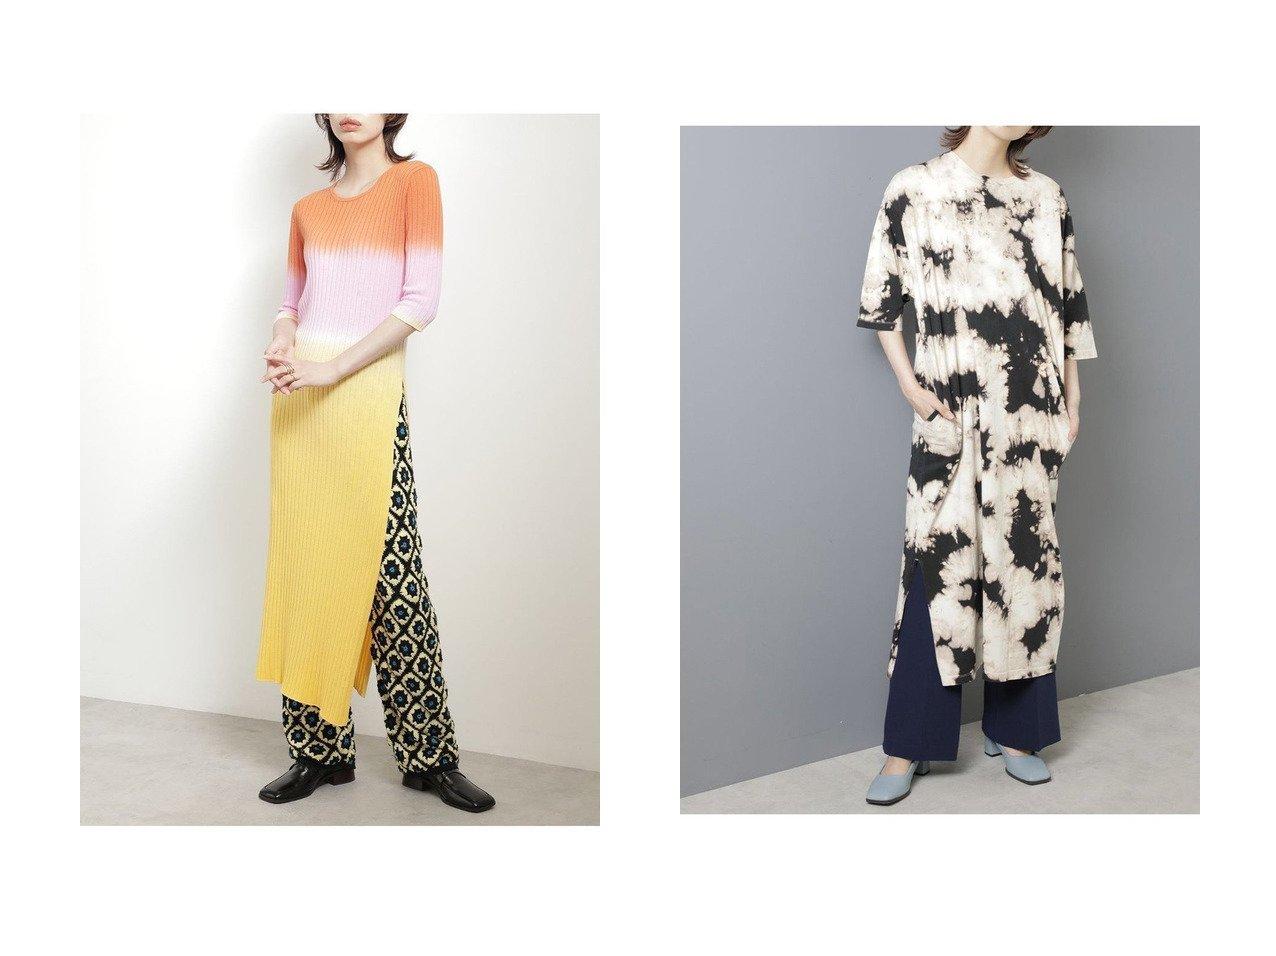 【ROSE BUD/ローズバッド】のボーダータイダイニットワンピース&ブリーチワンピース 【ワンピース・ドレス】おすすめ!人気、トレンド・レディースファッションの通販  おすすめで人気の流行・トレンド、ファッションの通販商品 インテリア・家具・メンズファッション・キッズファッション・レディースファッション・服の通販 founy(ファニー) https://founy.com/ ファッション Fashion レディースファッション WOMEN ワンピース Dress ニットワンピース Knit Dresses チュニック Tunic 2020年 2020 2020-2021秋冬・A/W AW・Autumn/Winter・FW・Fall-Winter/2020-2021 2021年 2021 2021-2022秋冬・A/W AW・Autumn/Winter・FW・Fall-Winter・2021-2022 A/W・秋冬 AW・Autumn/Winter・FW・Fall-Winter グラデーション ストレート スリット チュニック デニム フィット ボーダー おすすめ Recommend ブリーチ モノトーン  ID:crp329100000062962